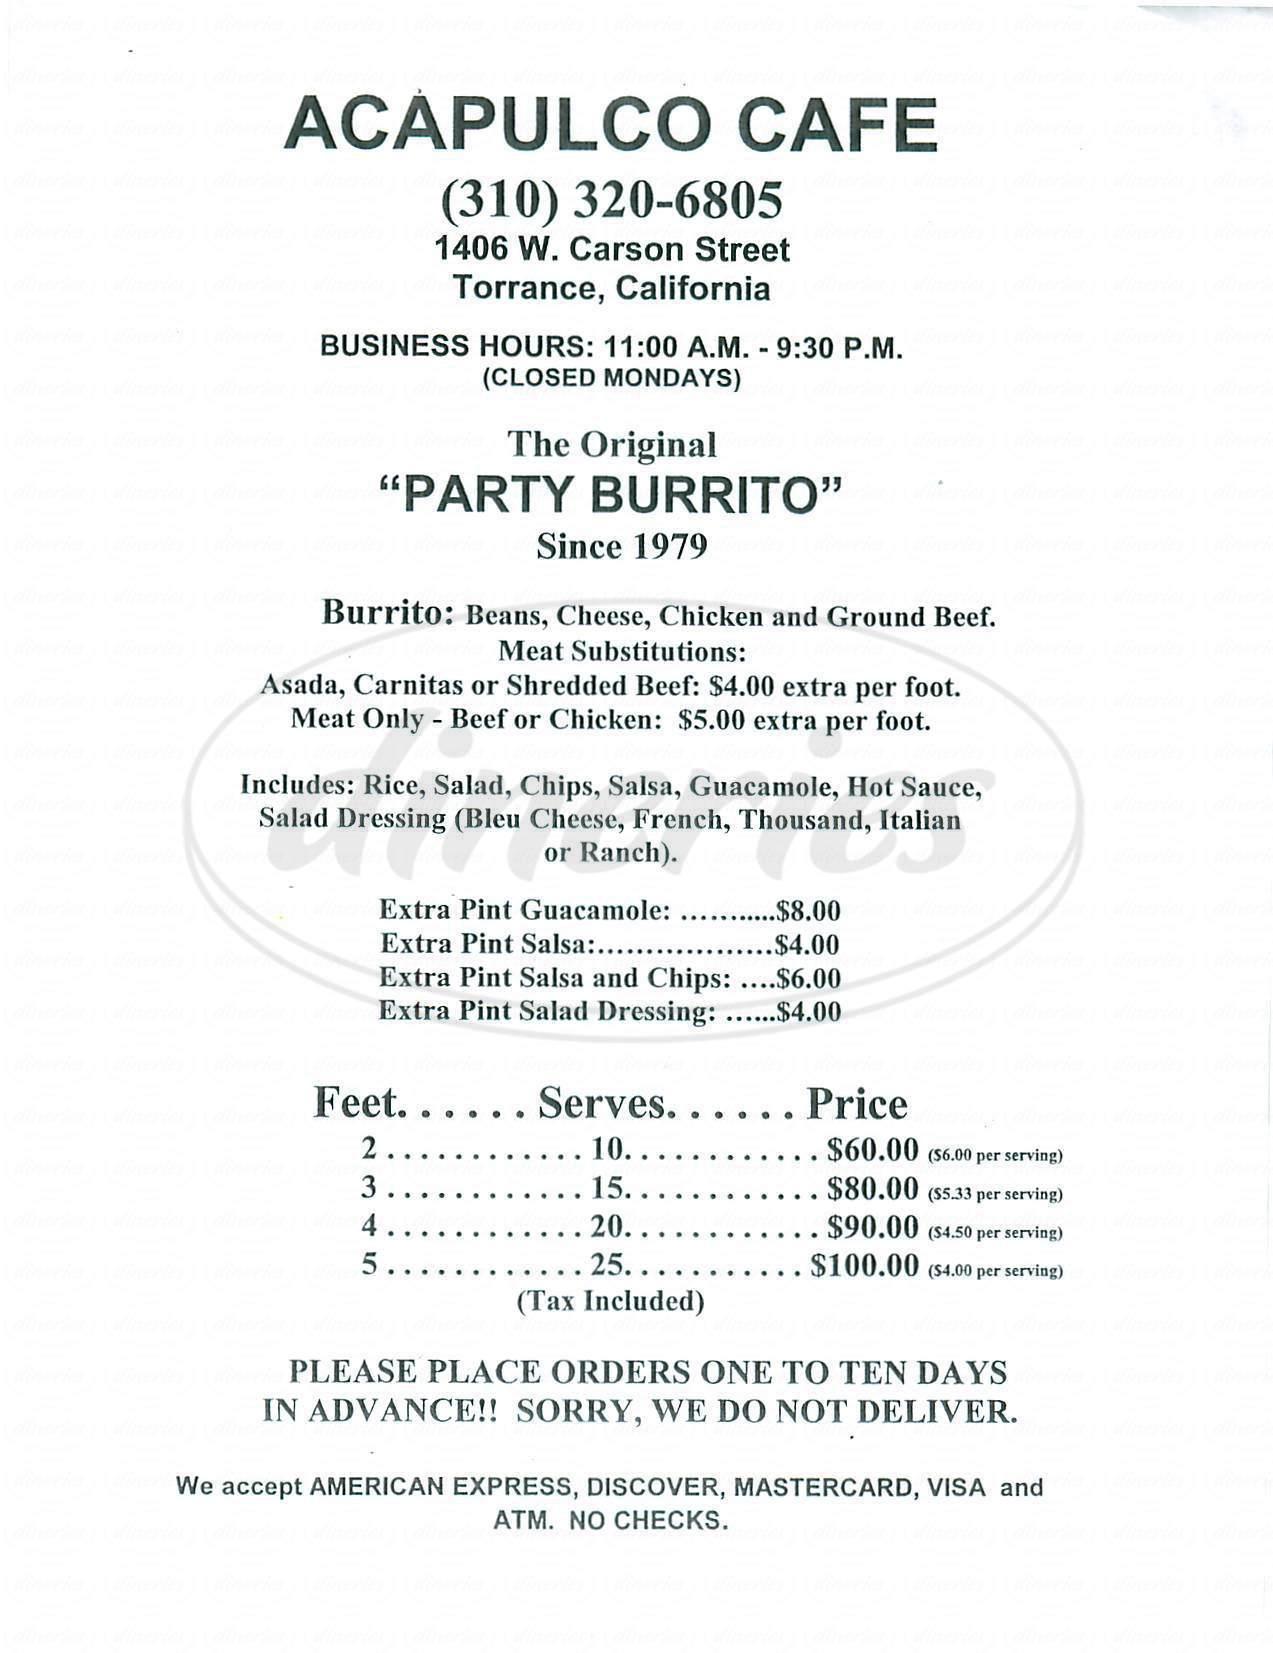 menu for Acapulco Café